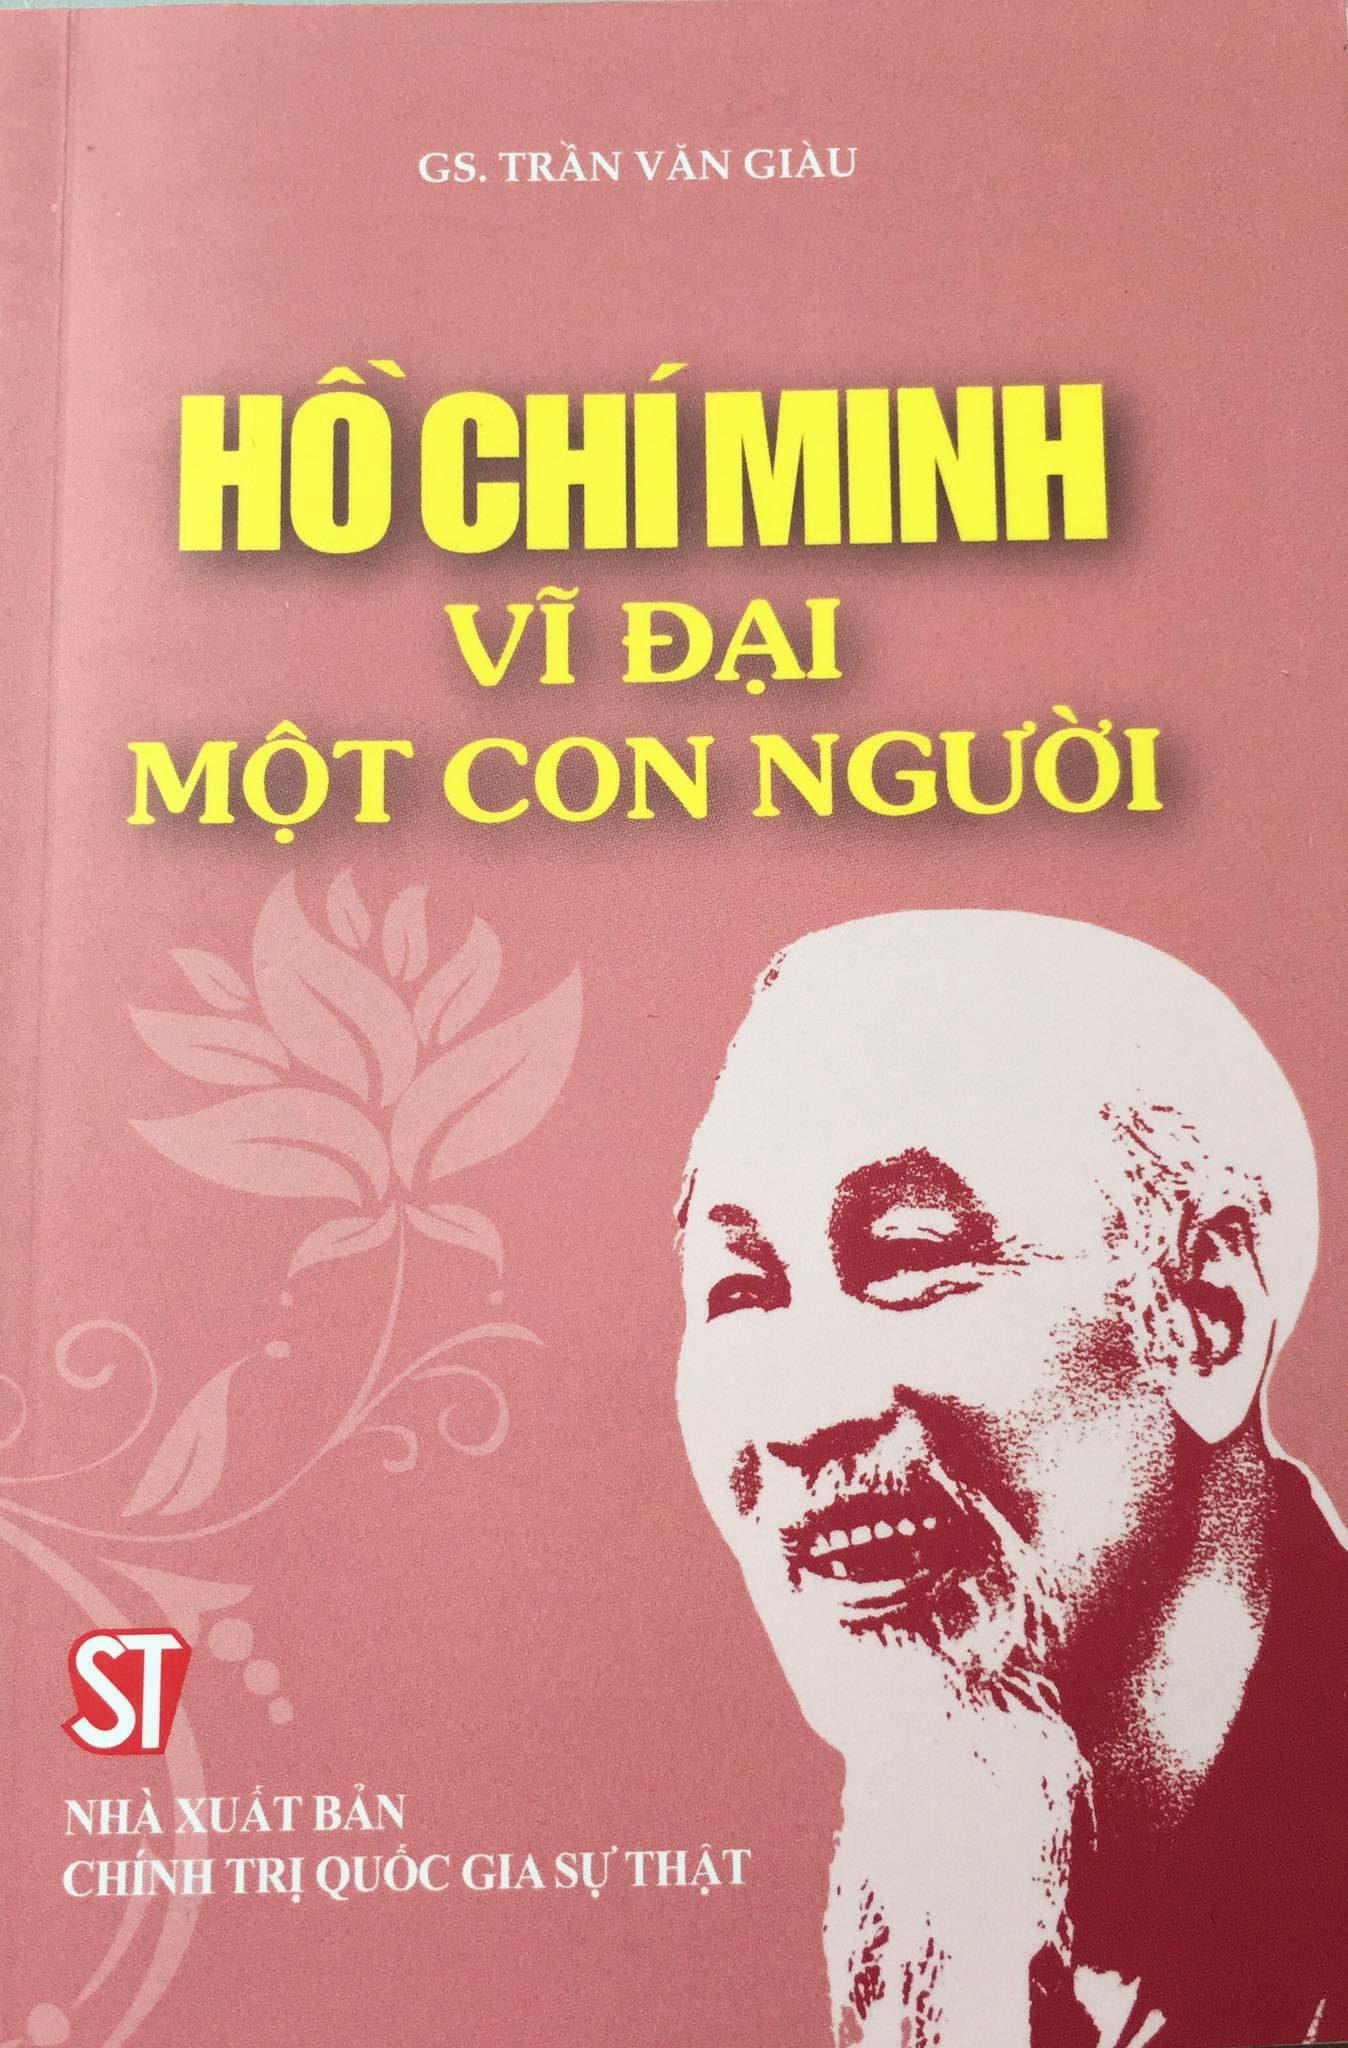 Hồ Chí Minh - Vĩ đại một con người